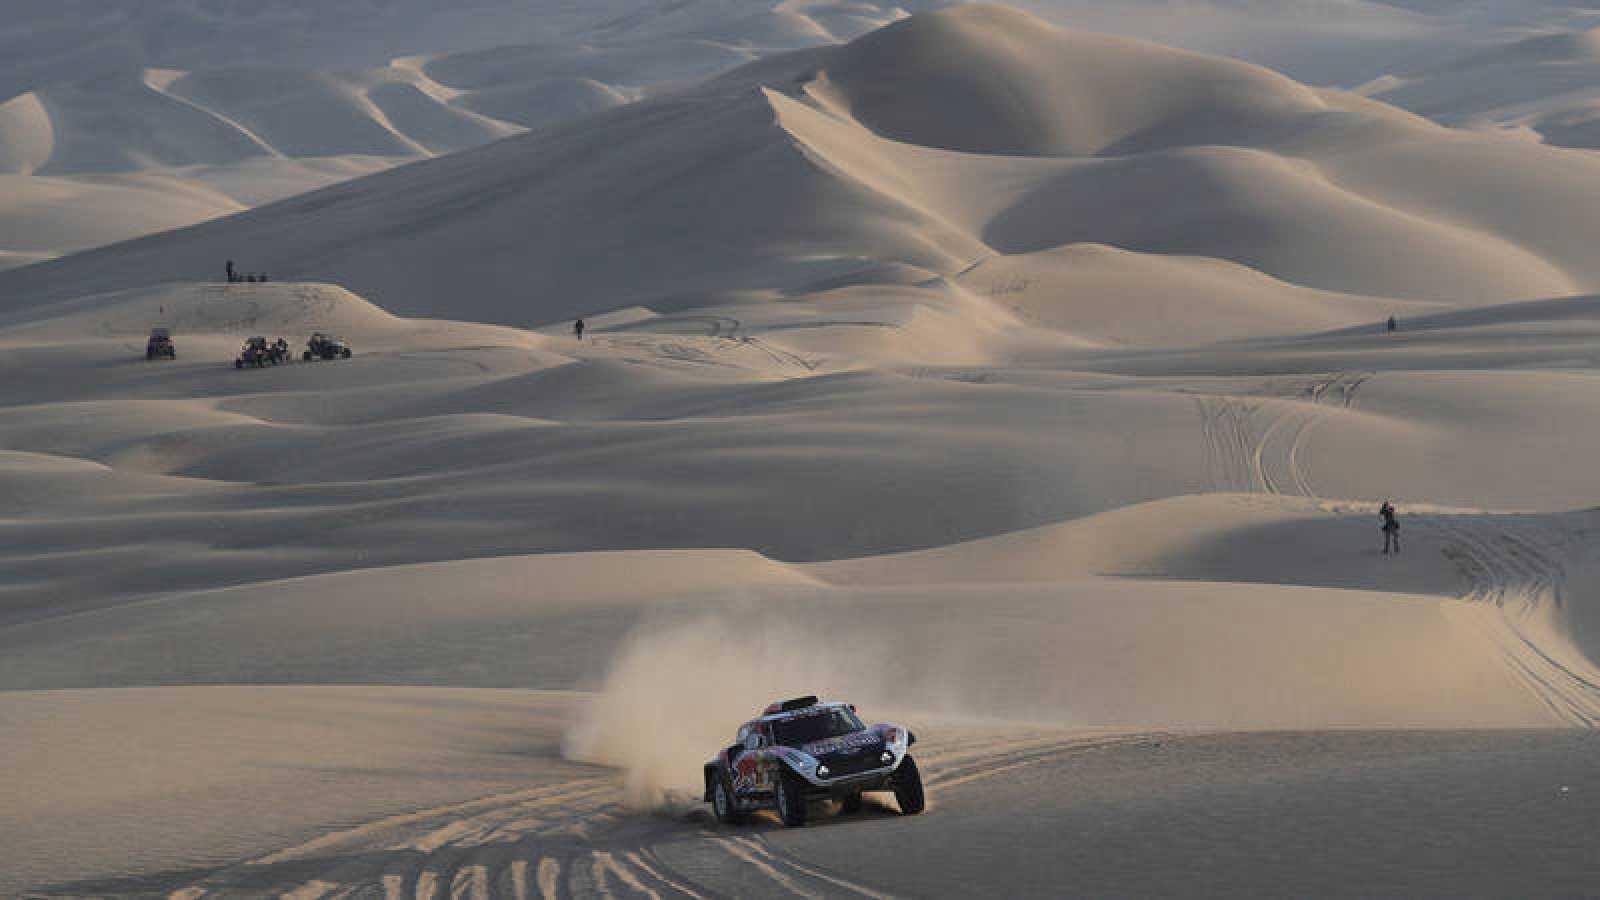 Imagen del francés Stephane Peterhansel en la disputa del Rally Dakar 2019